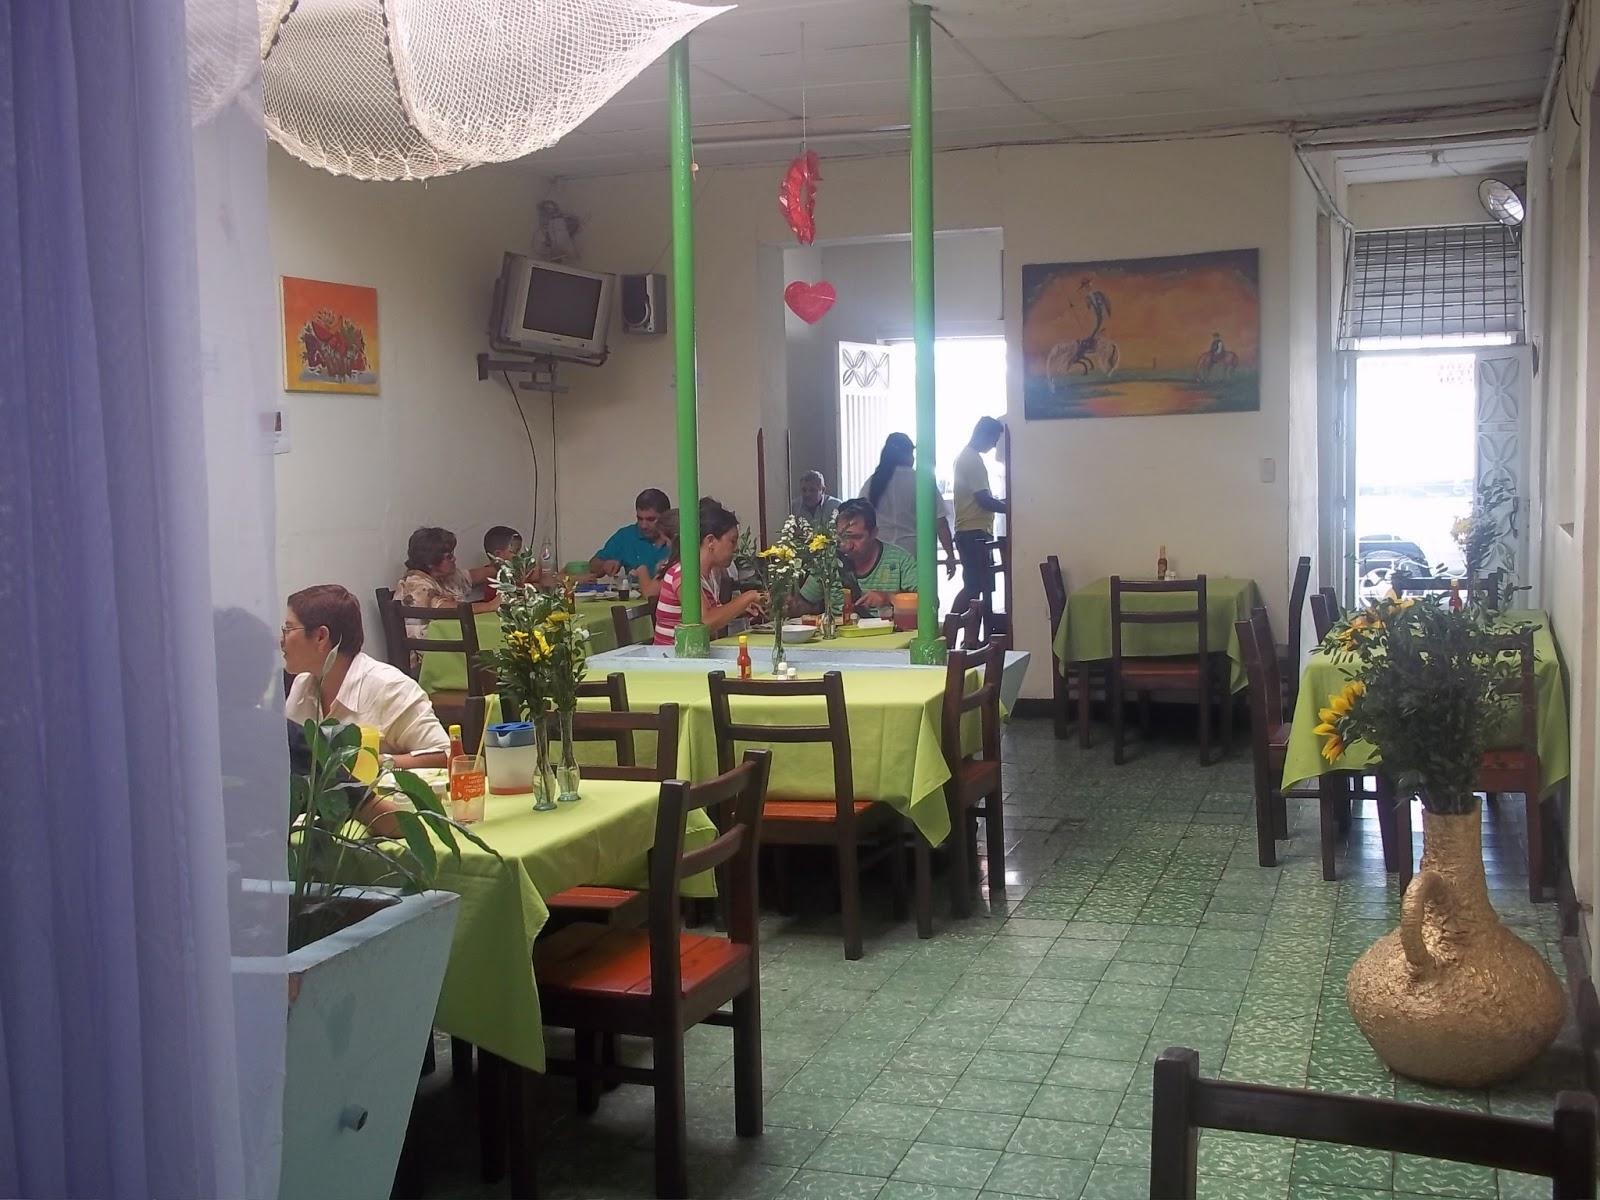 restaurante tipico barichara comida tipica santanderiana